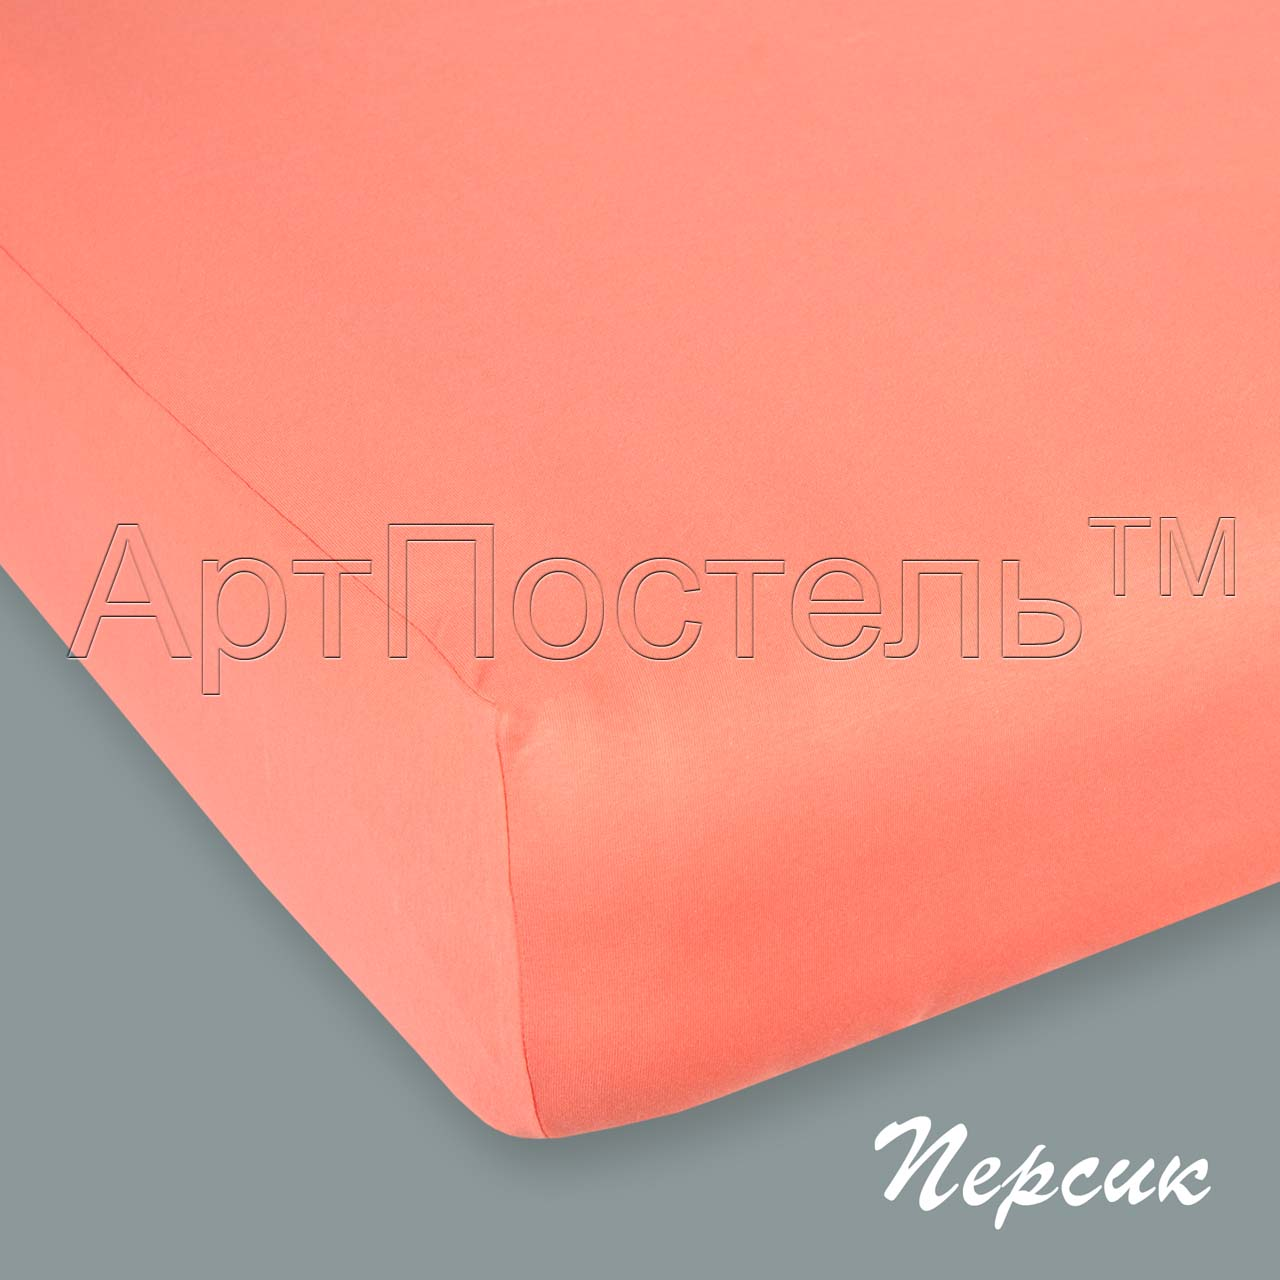 Простыня на резинке Персик, размер 140х200 смПростыни<br>Плотность ткани: 145 г/кв. м <br>Высота матраса: 20 см<br><br>Тип: Простыня<br>Размер: 140х200<br>Материал: Кулирка